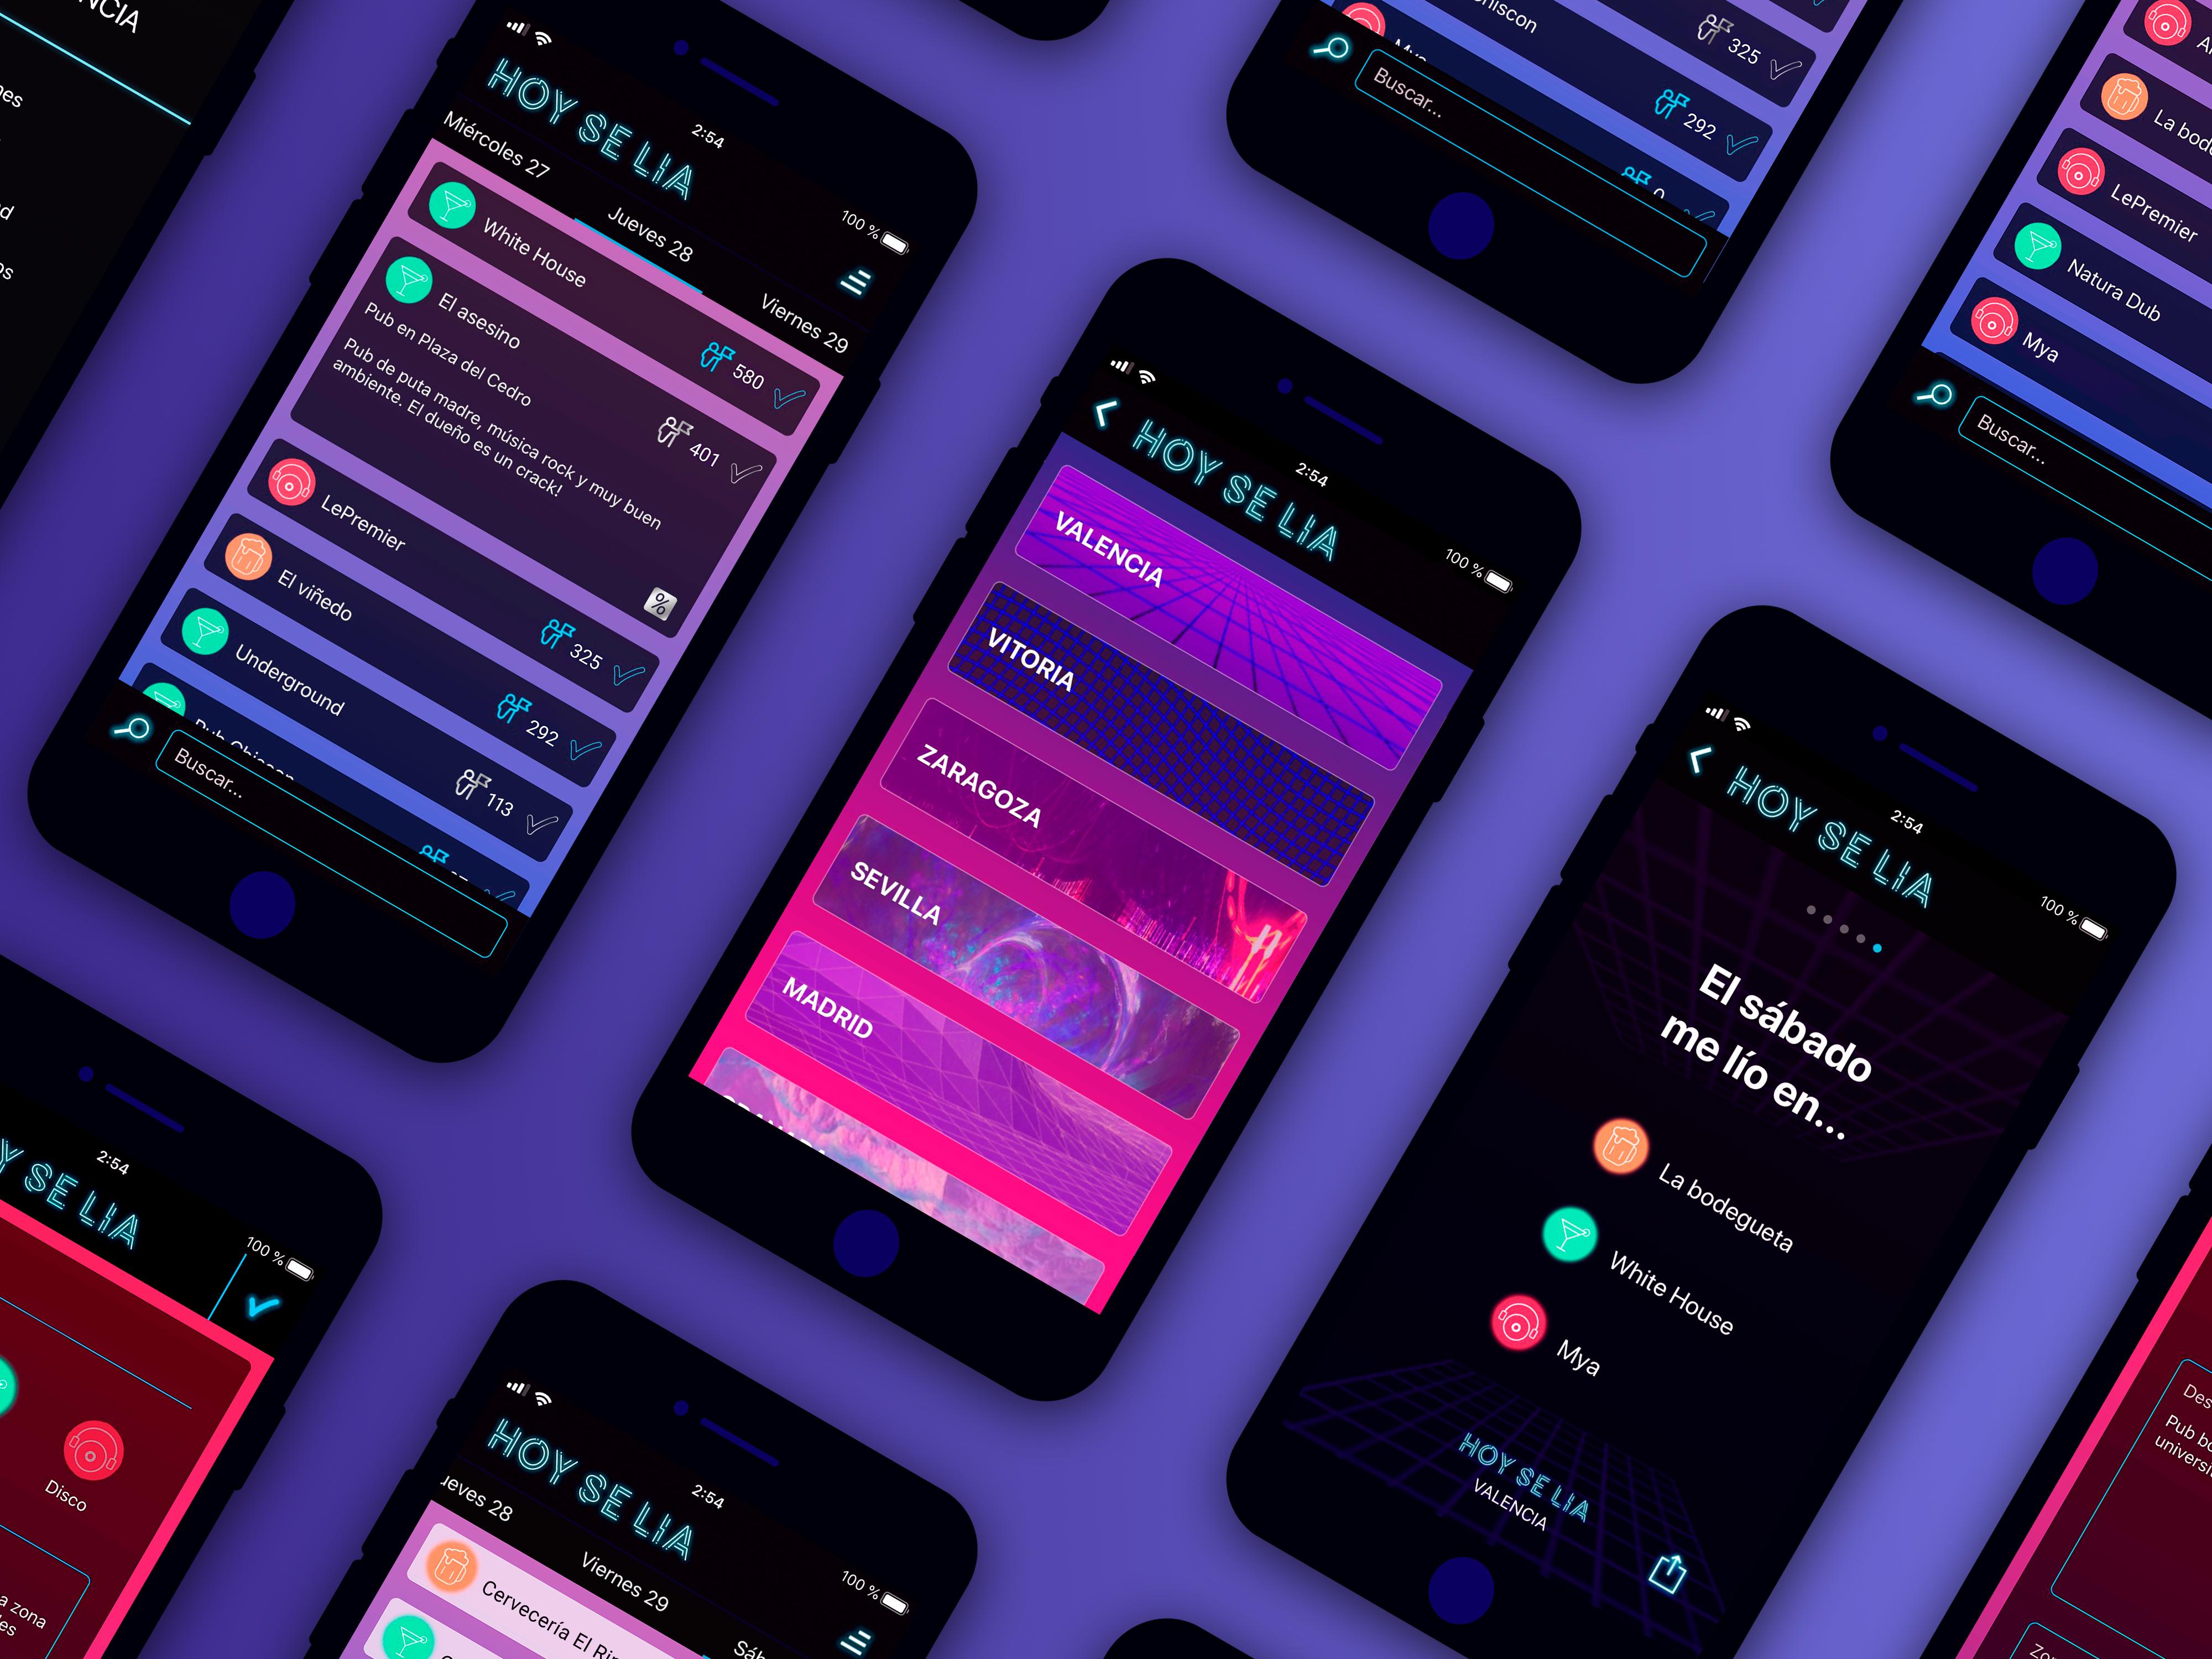 Hoy se lía – plataforma social para compartir planes de ocio nocturno